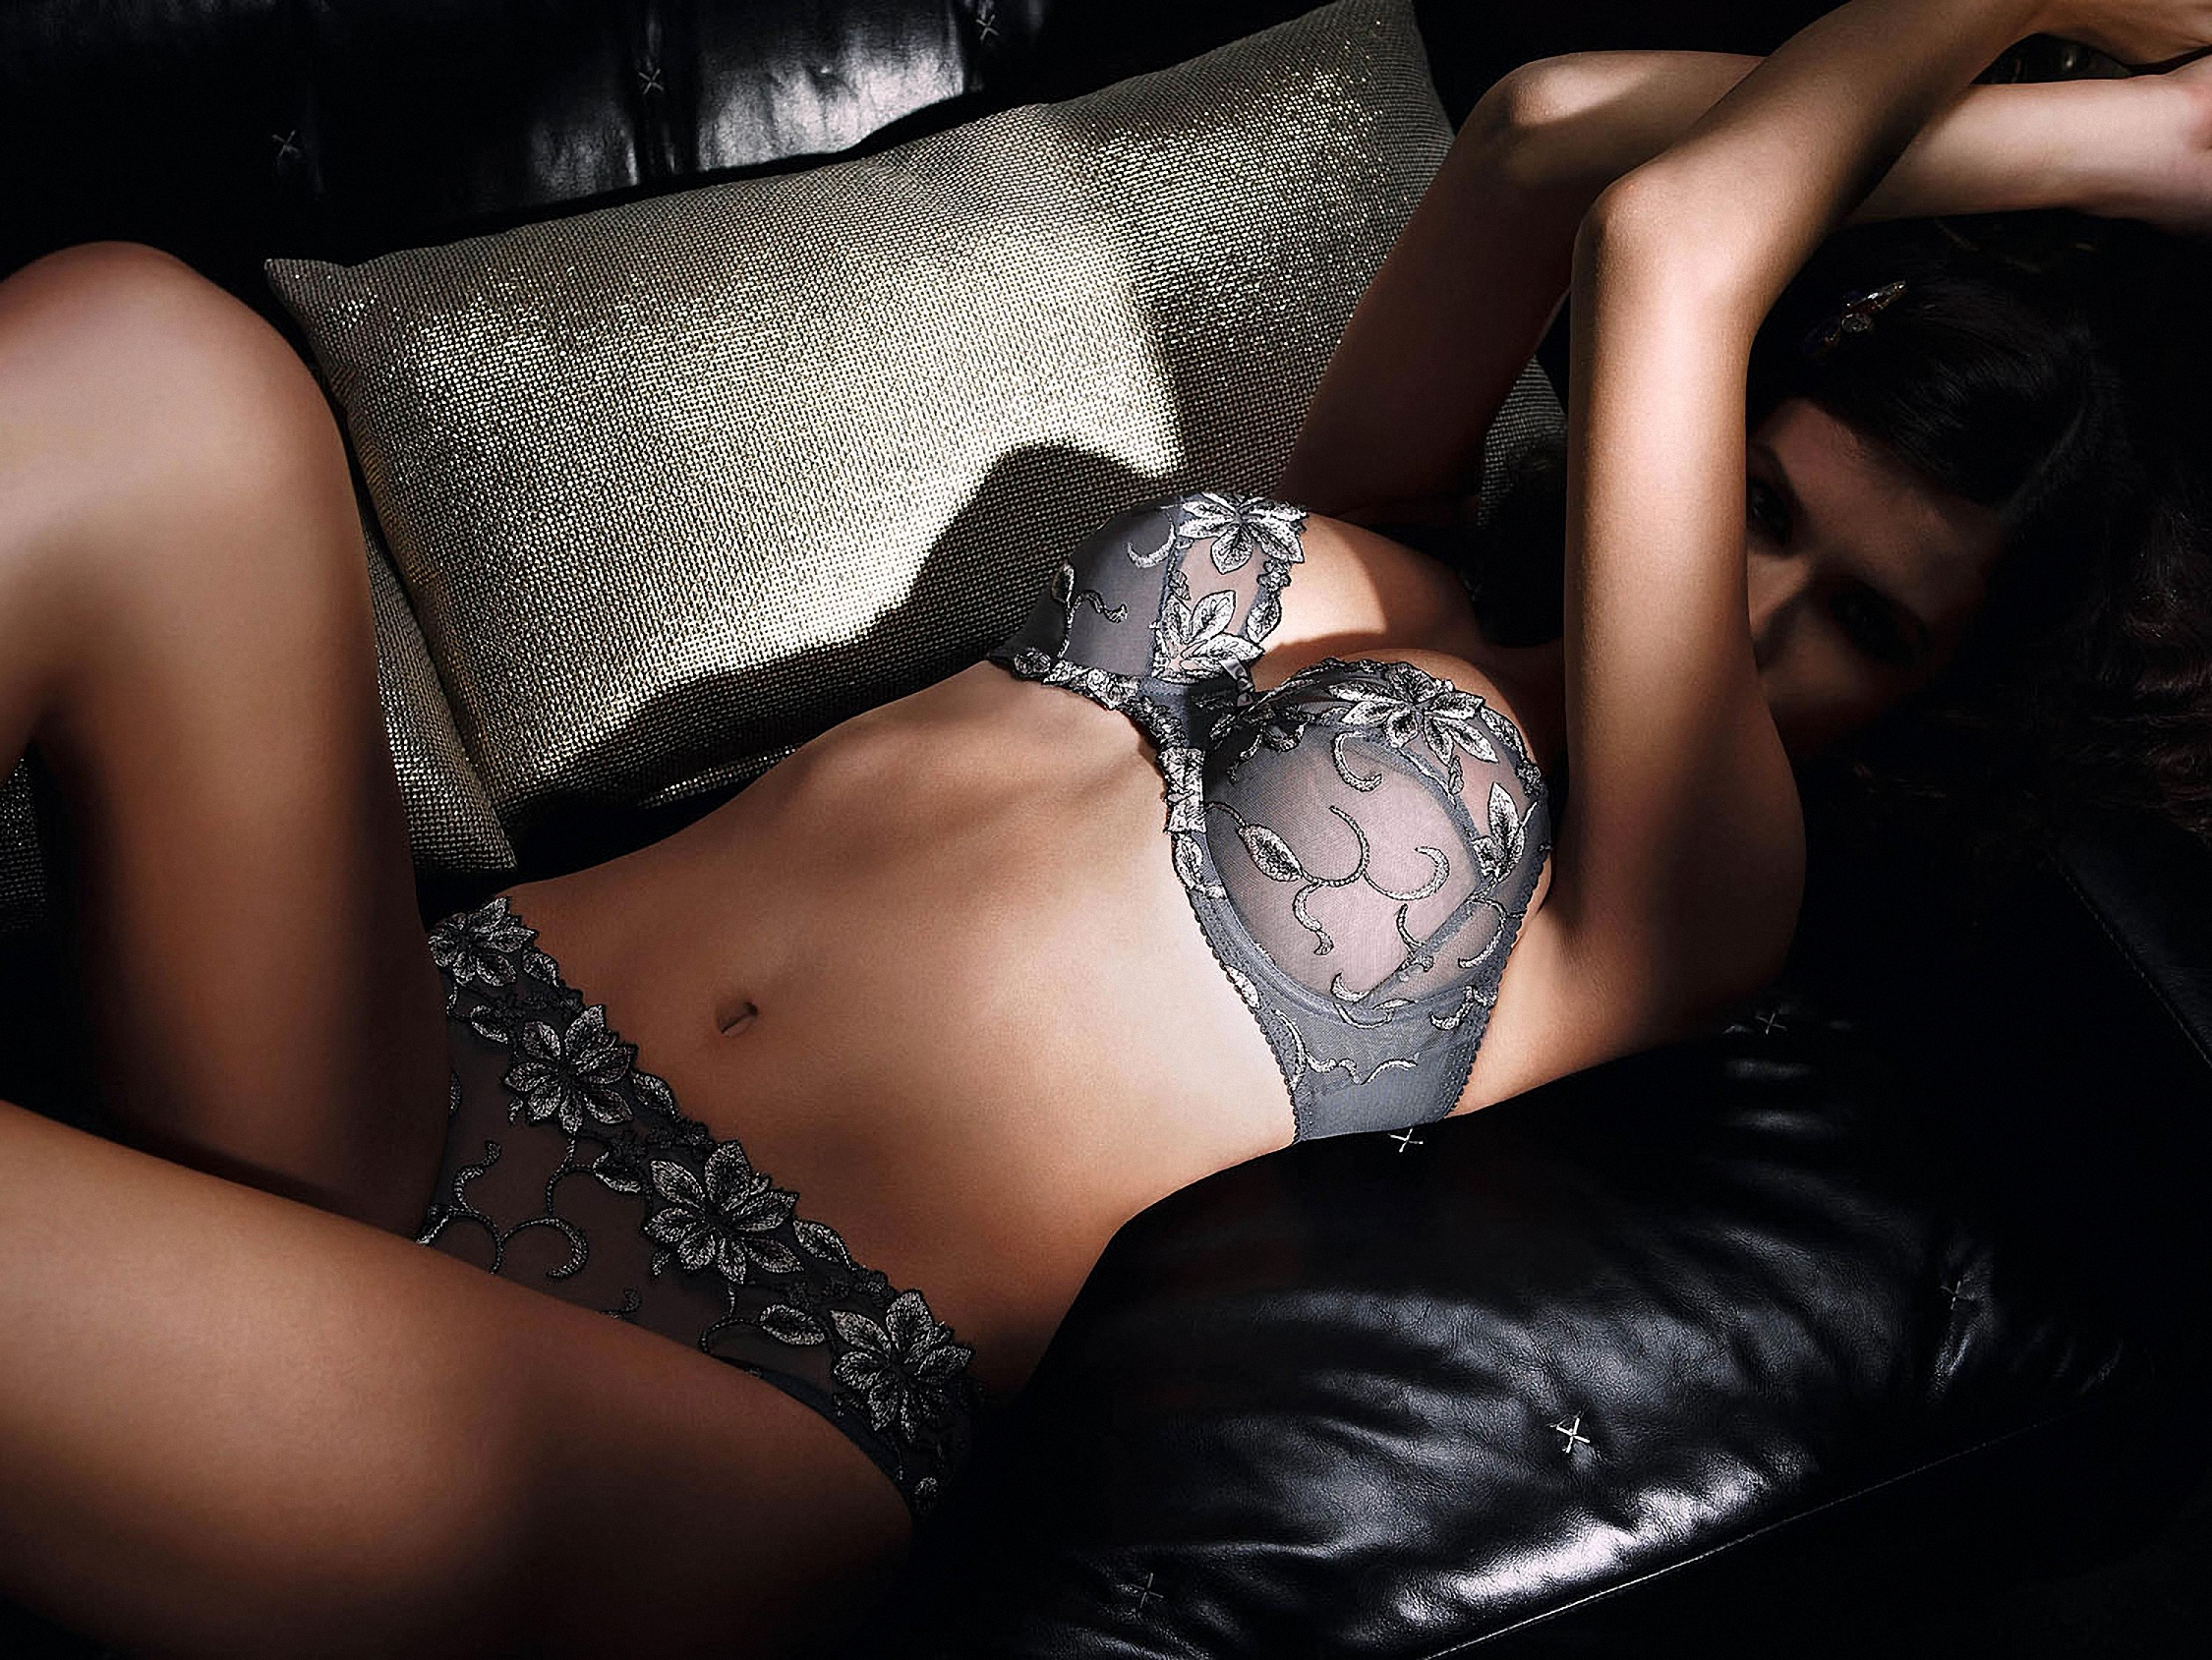 Эротические фотографии девушек в белье 17 фотография